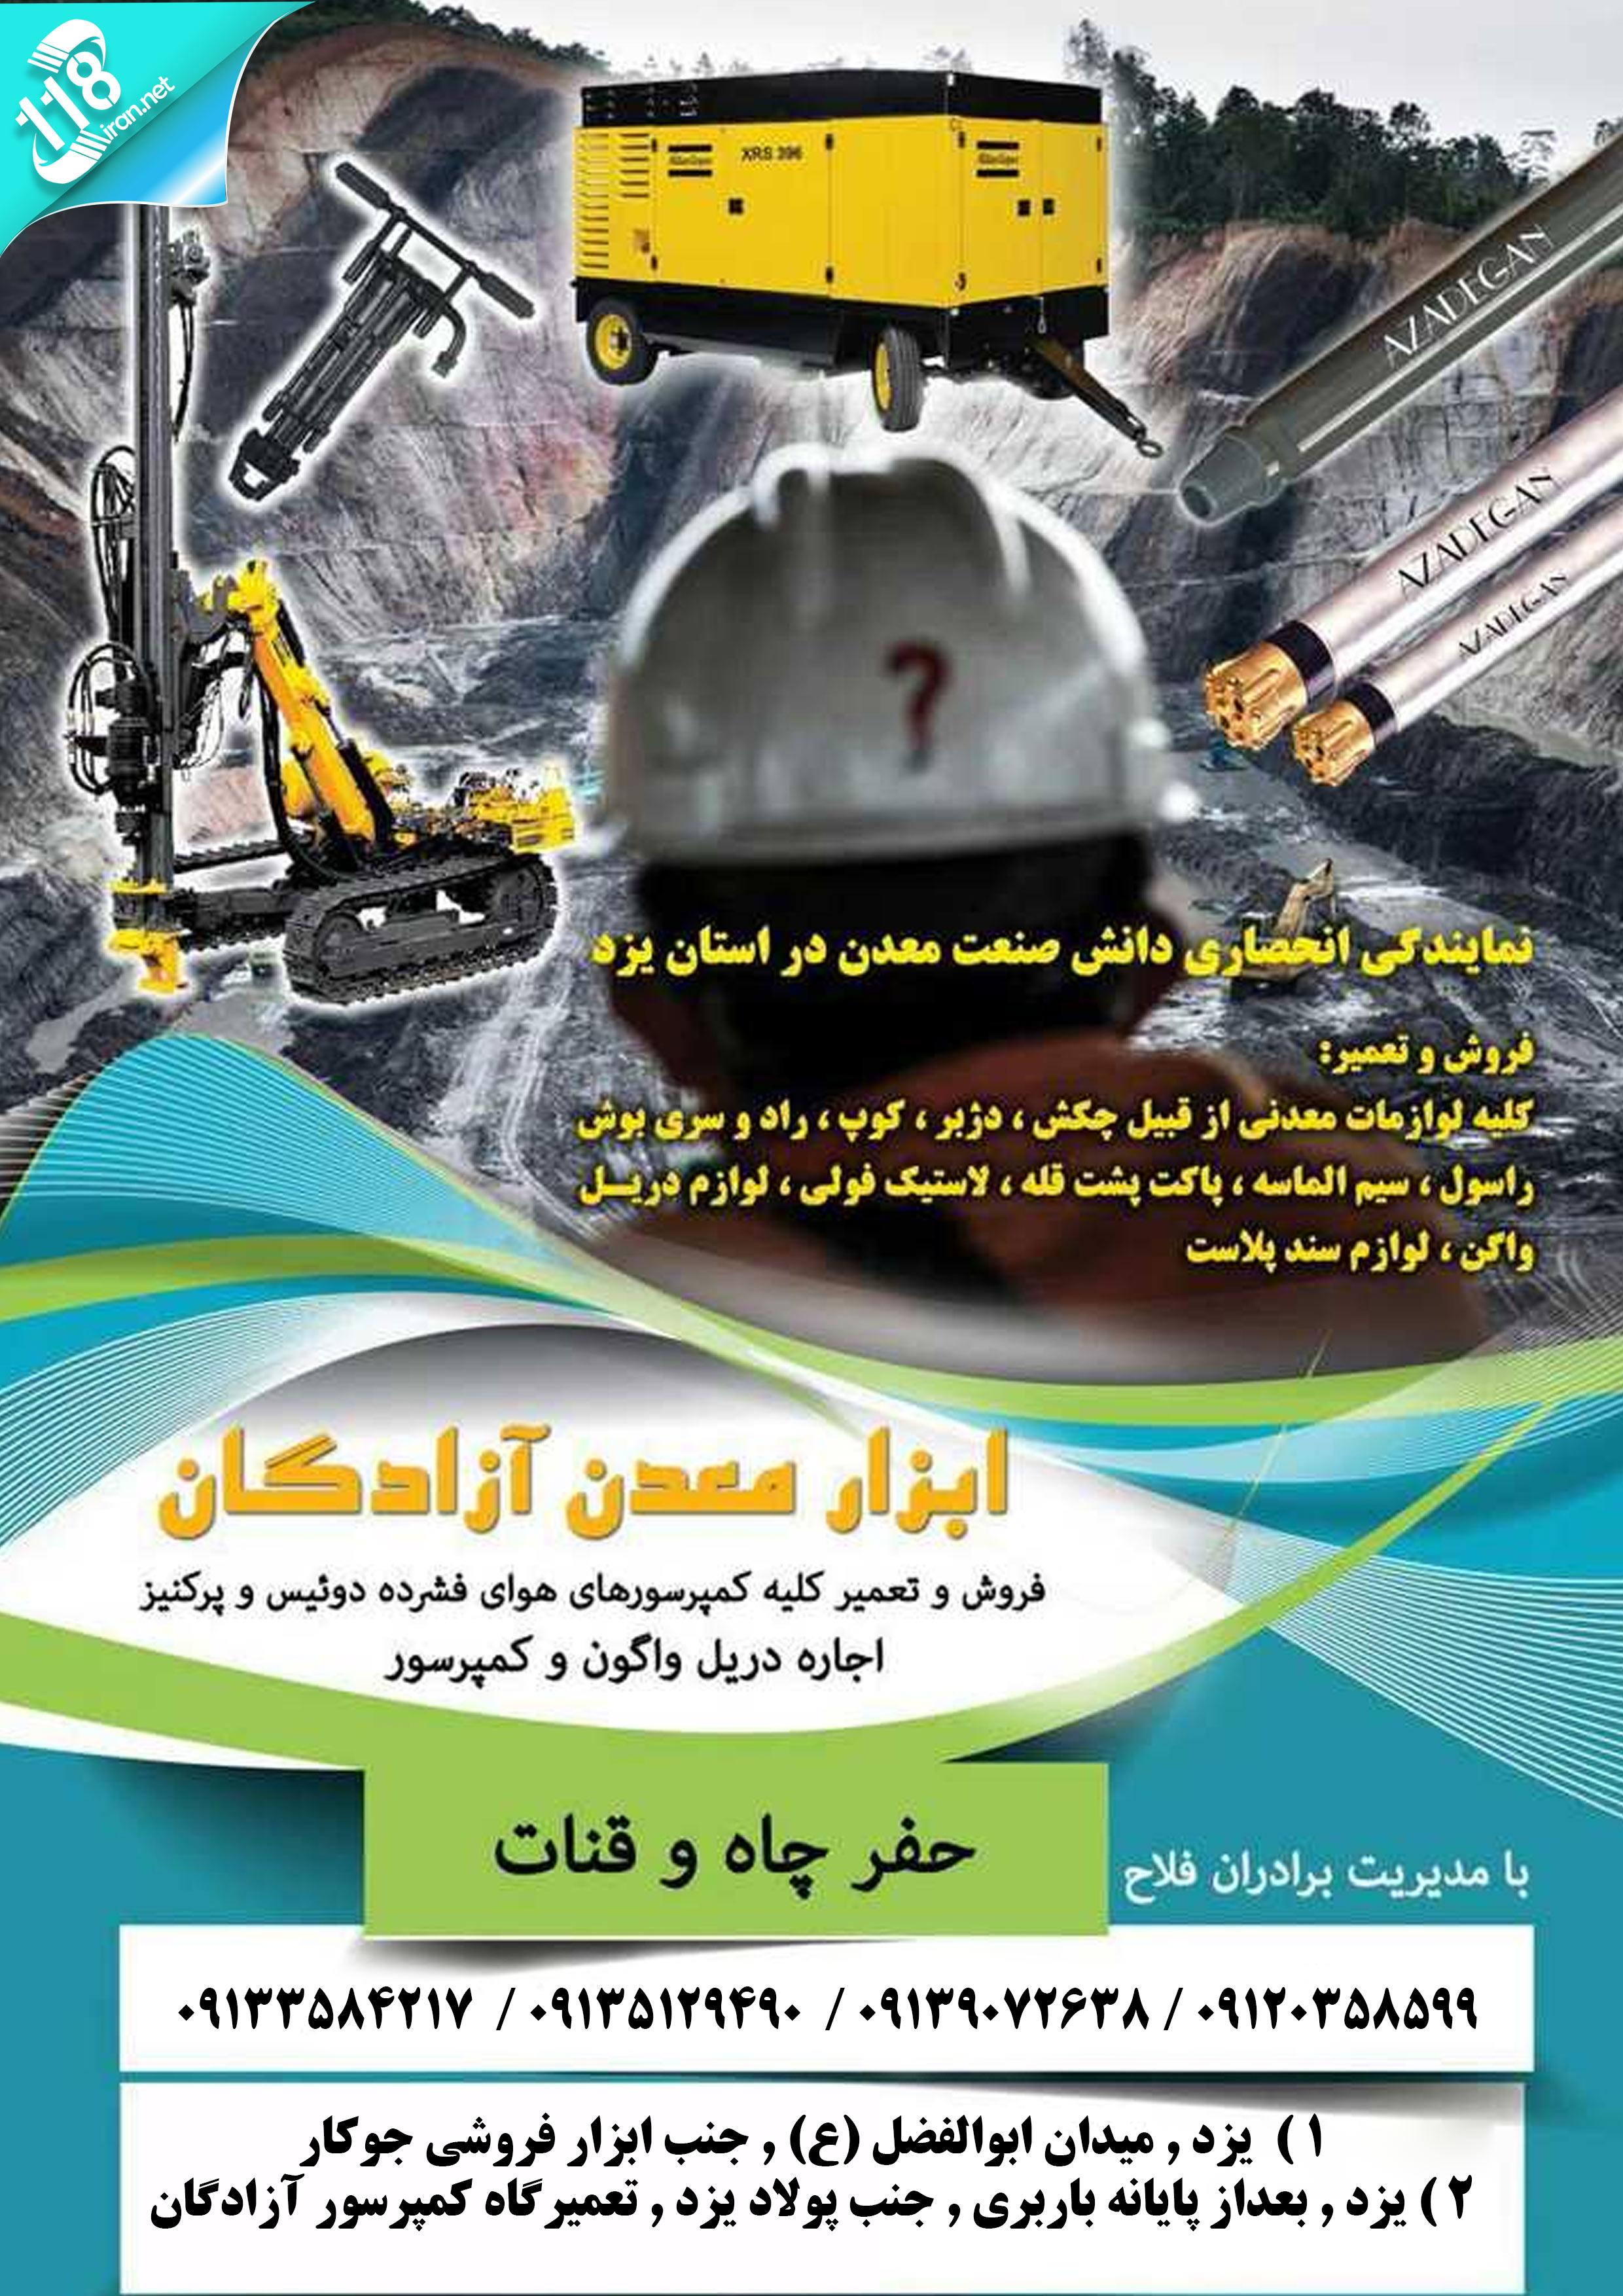 ابزار معدن آزادگان در یزد